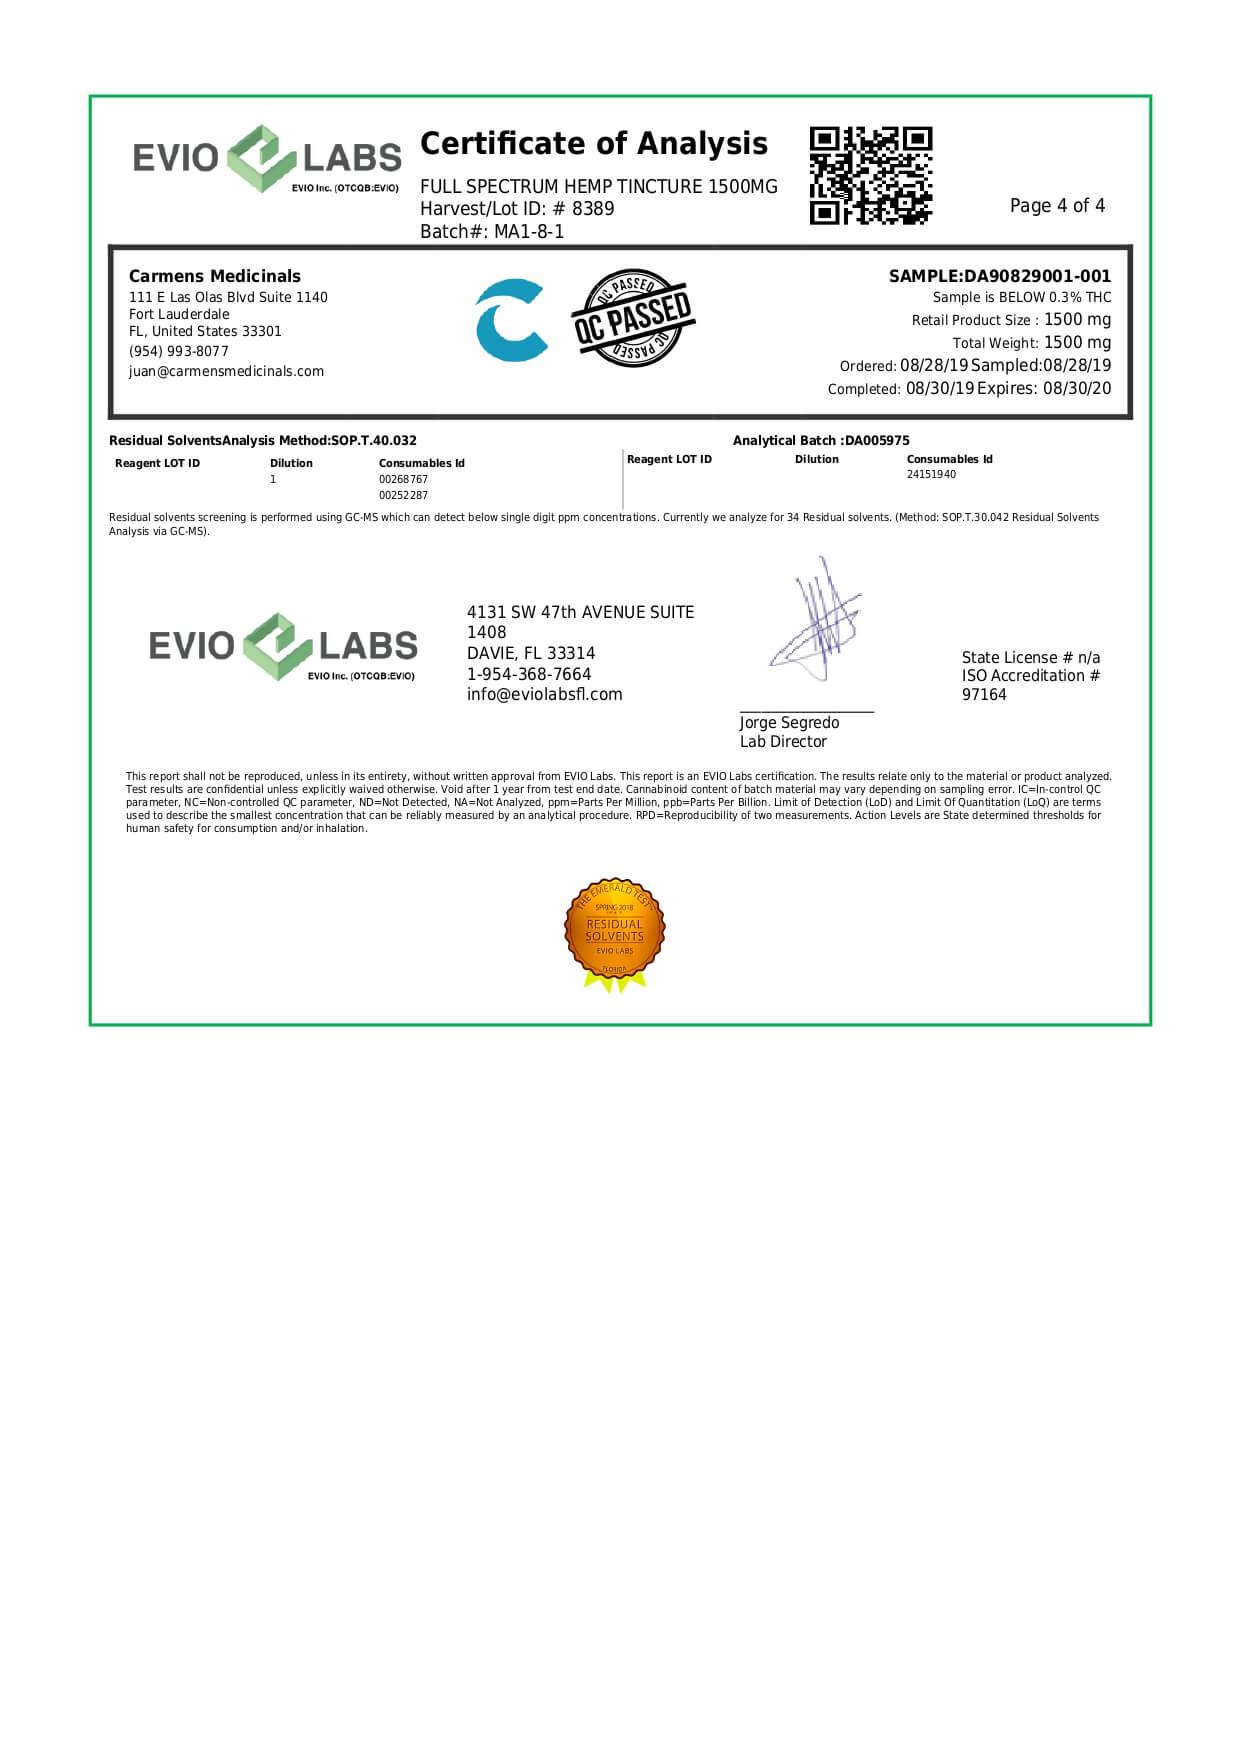 Carmen's Medicinals CBD Tincture Full Spectrum Oil 1500mg Lab Report